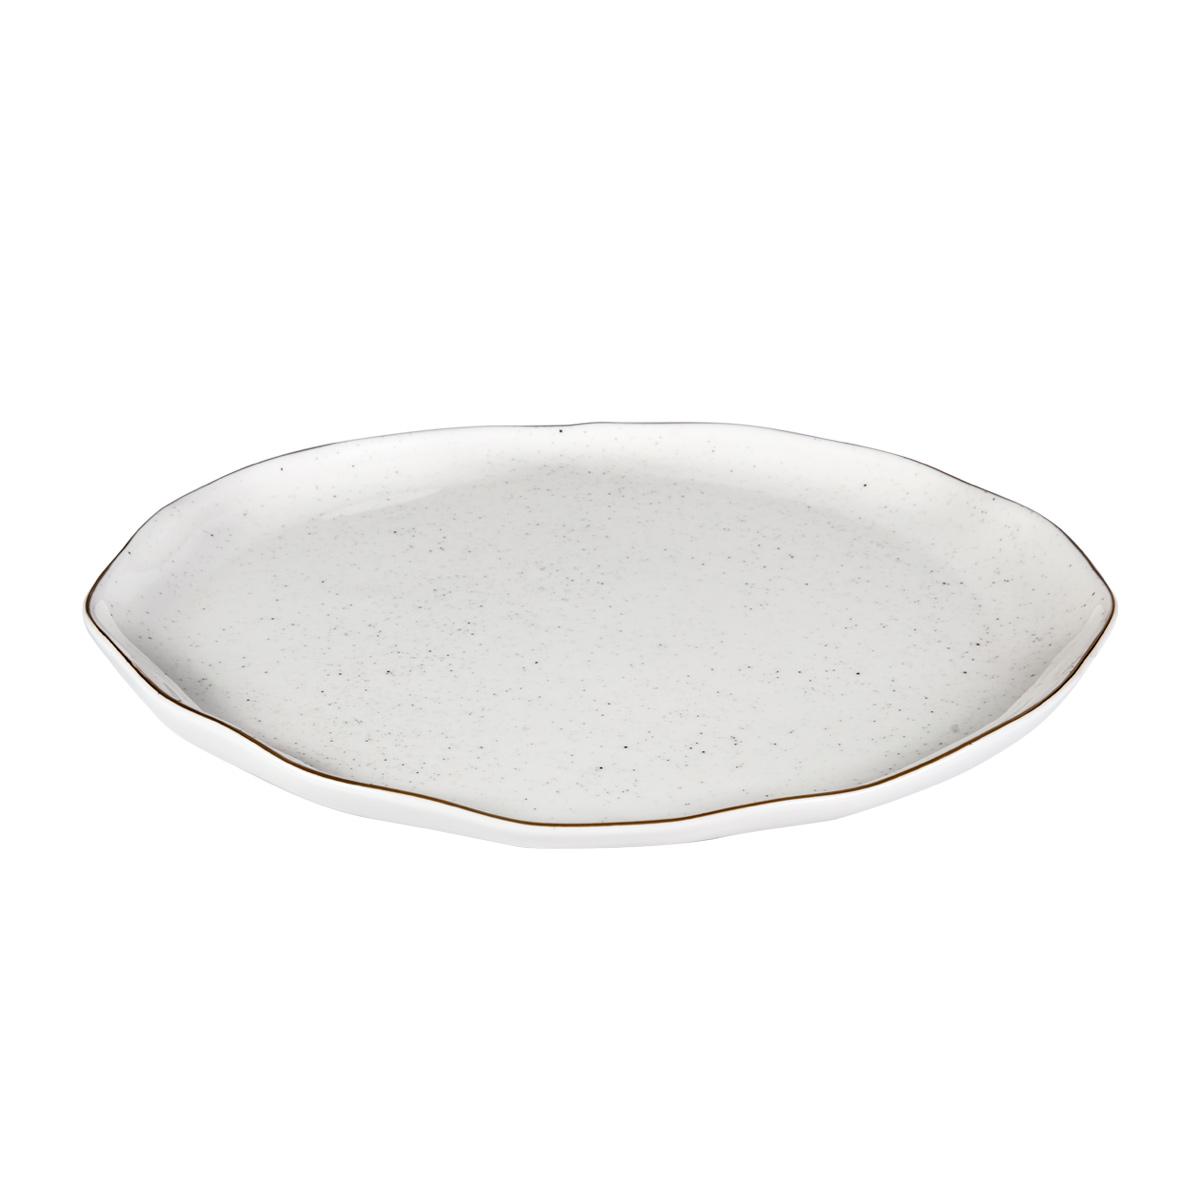 Mělký talíř CHARMANT ø 26 cm